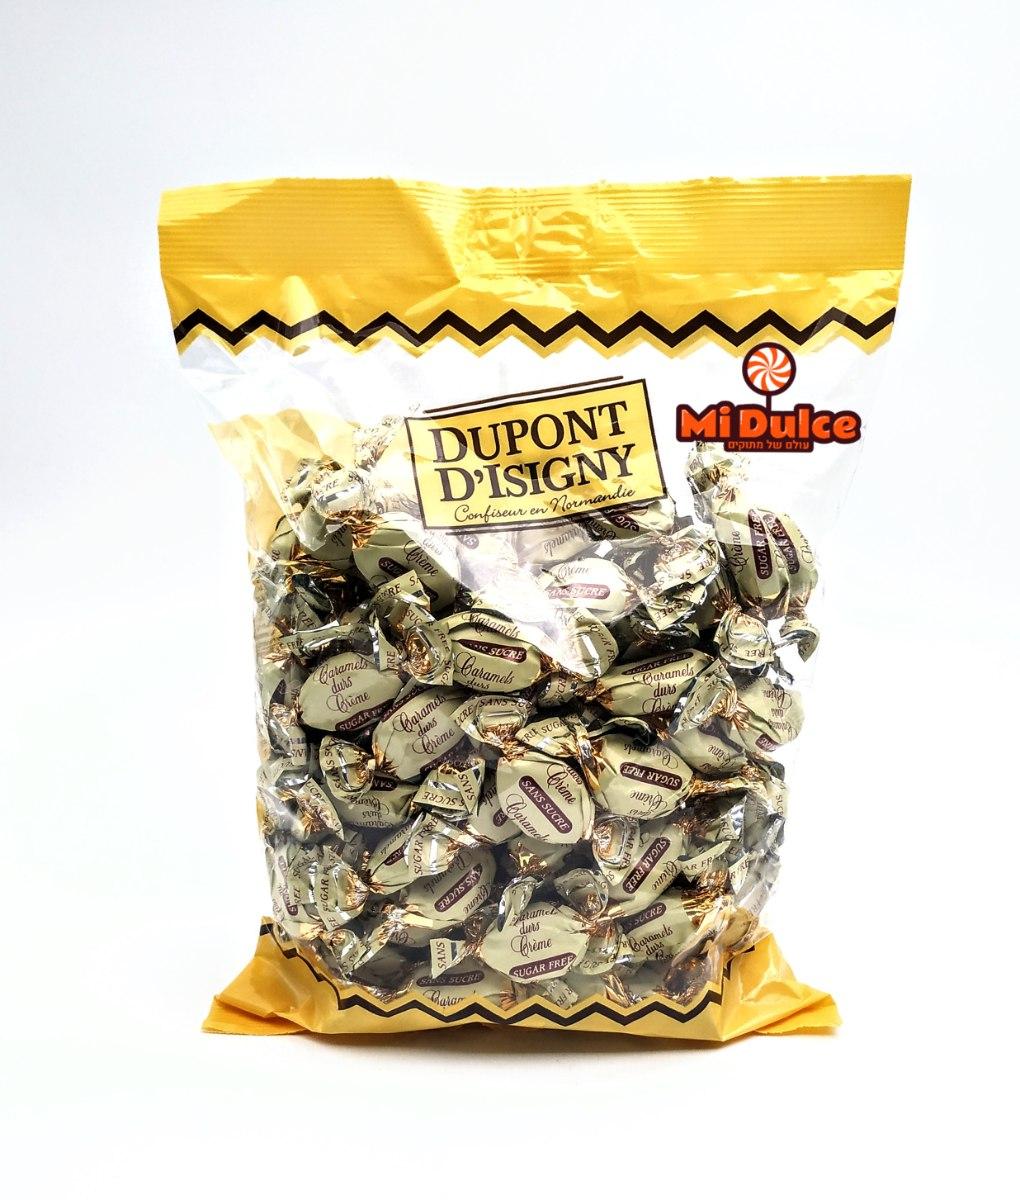 Dupont בטעם חמאה, מארז חצי קילו!